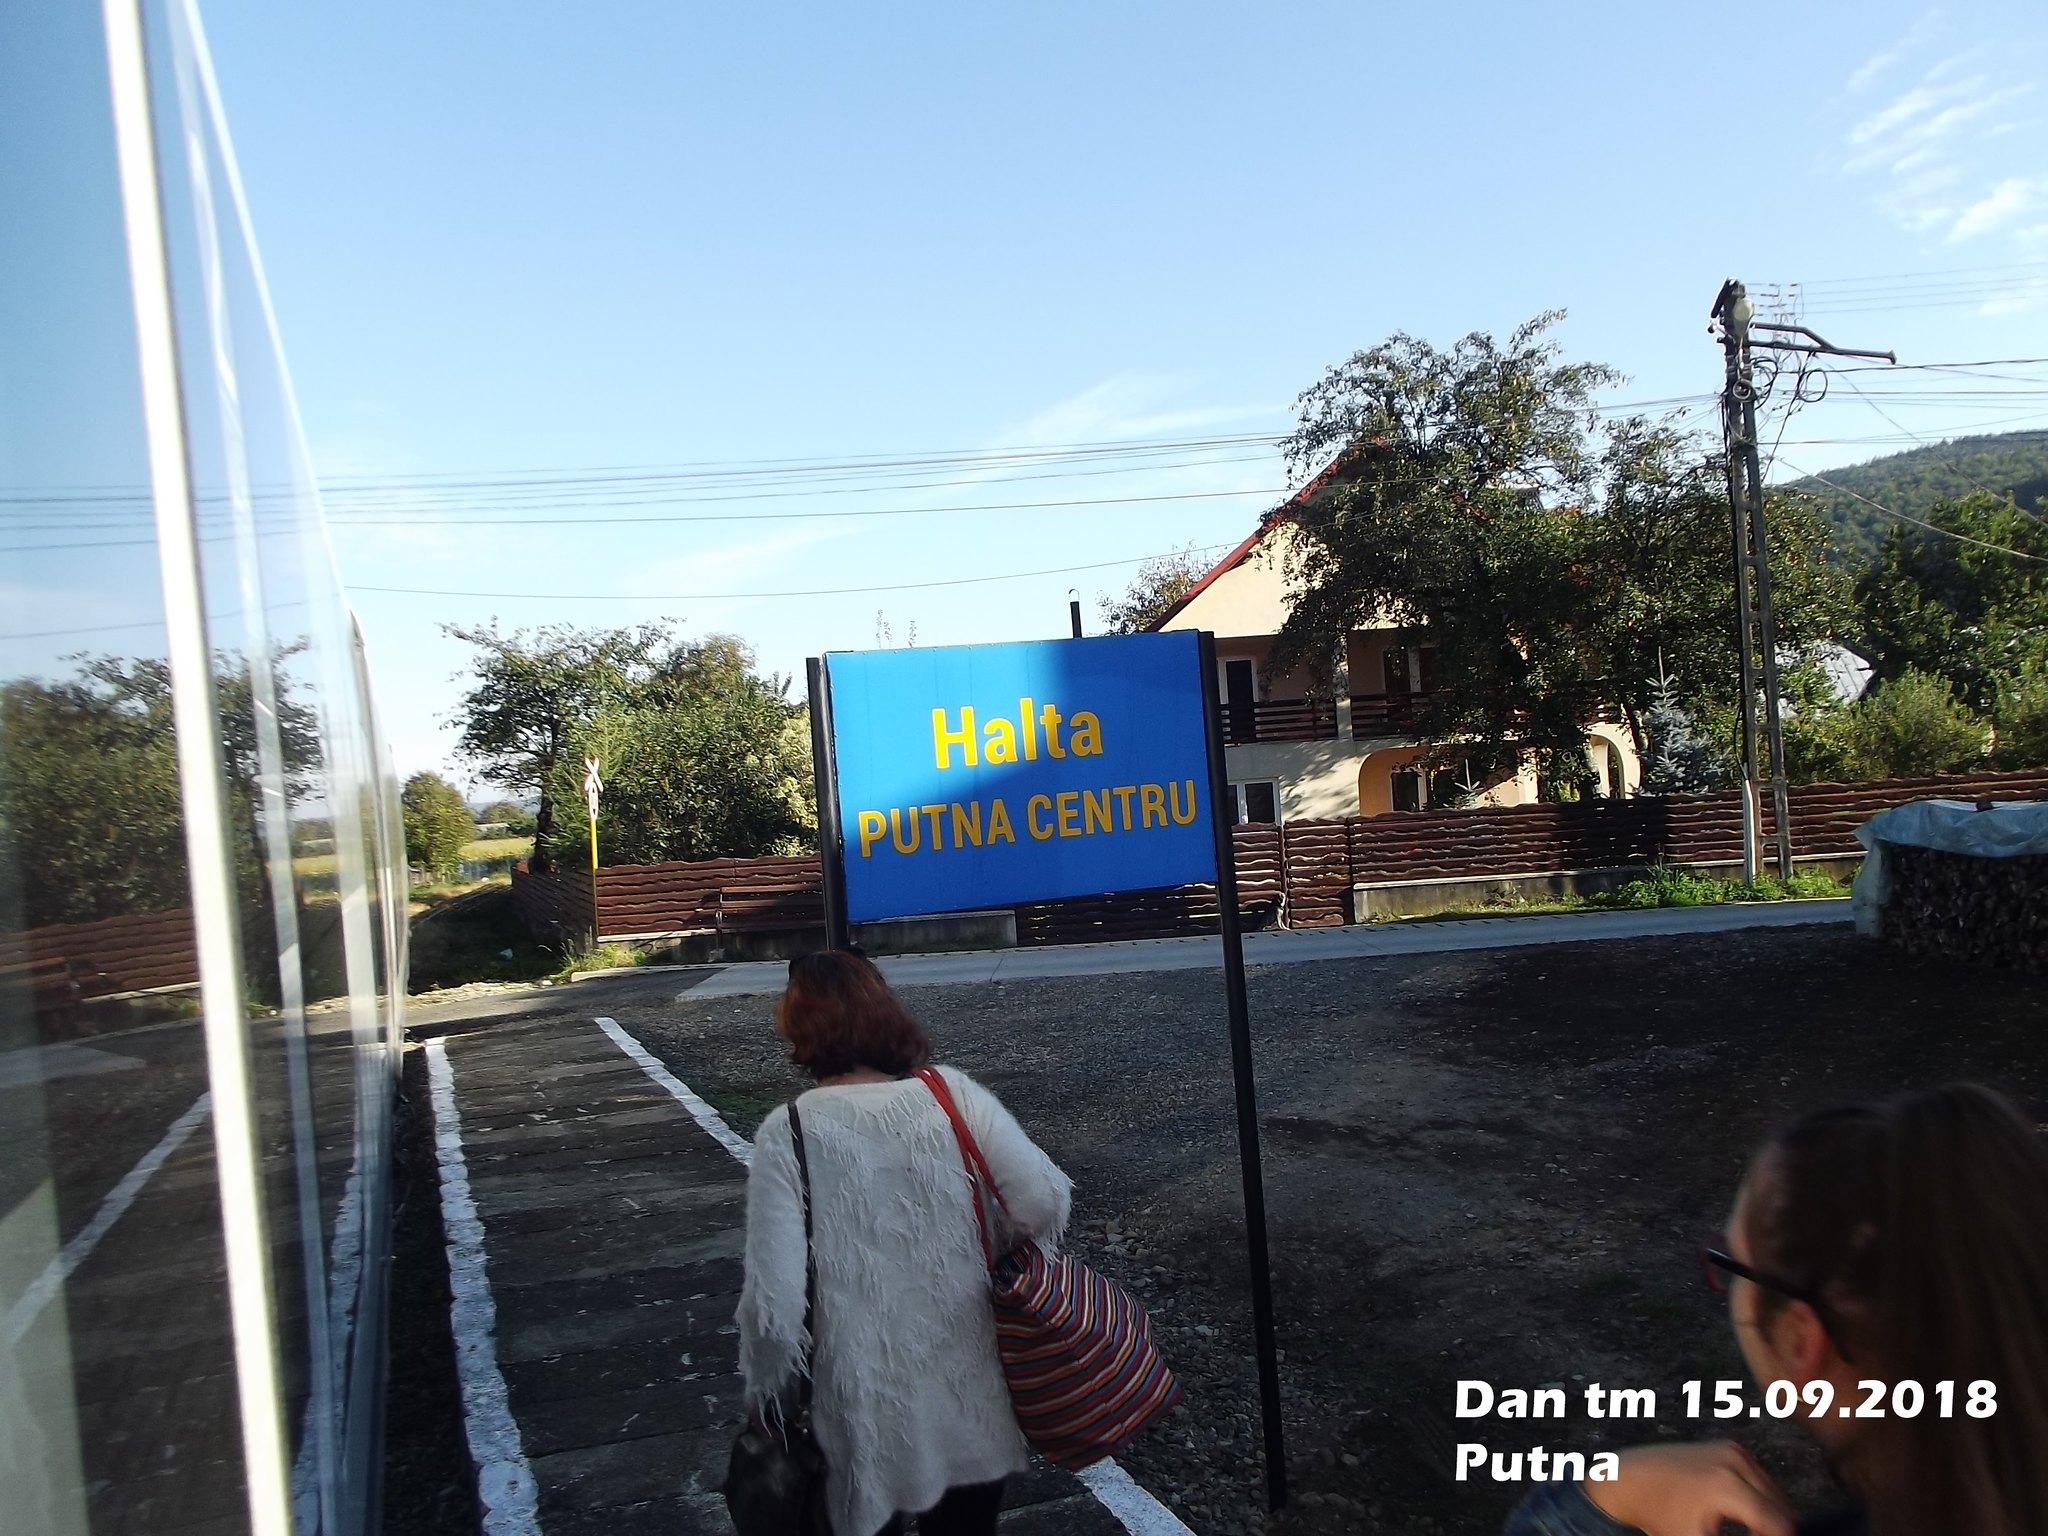 515 : Dorneşti - Gura Putnei - (Putna) - Nisipitu - Seletin UKR - Pagina 47 43826157865_9bfd92b8cb_k